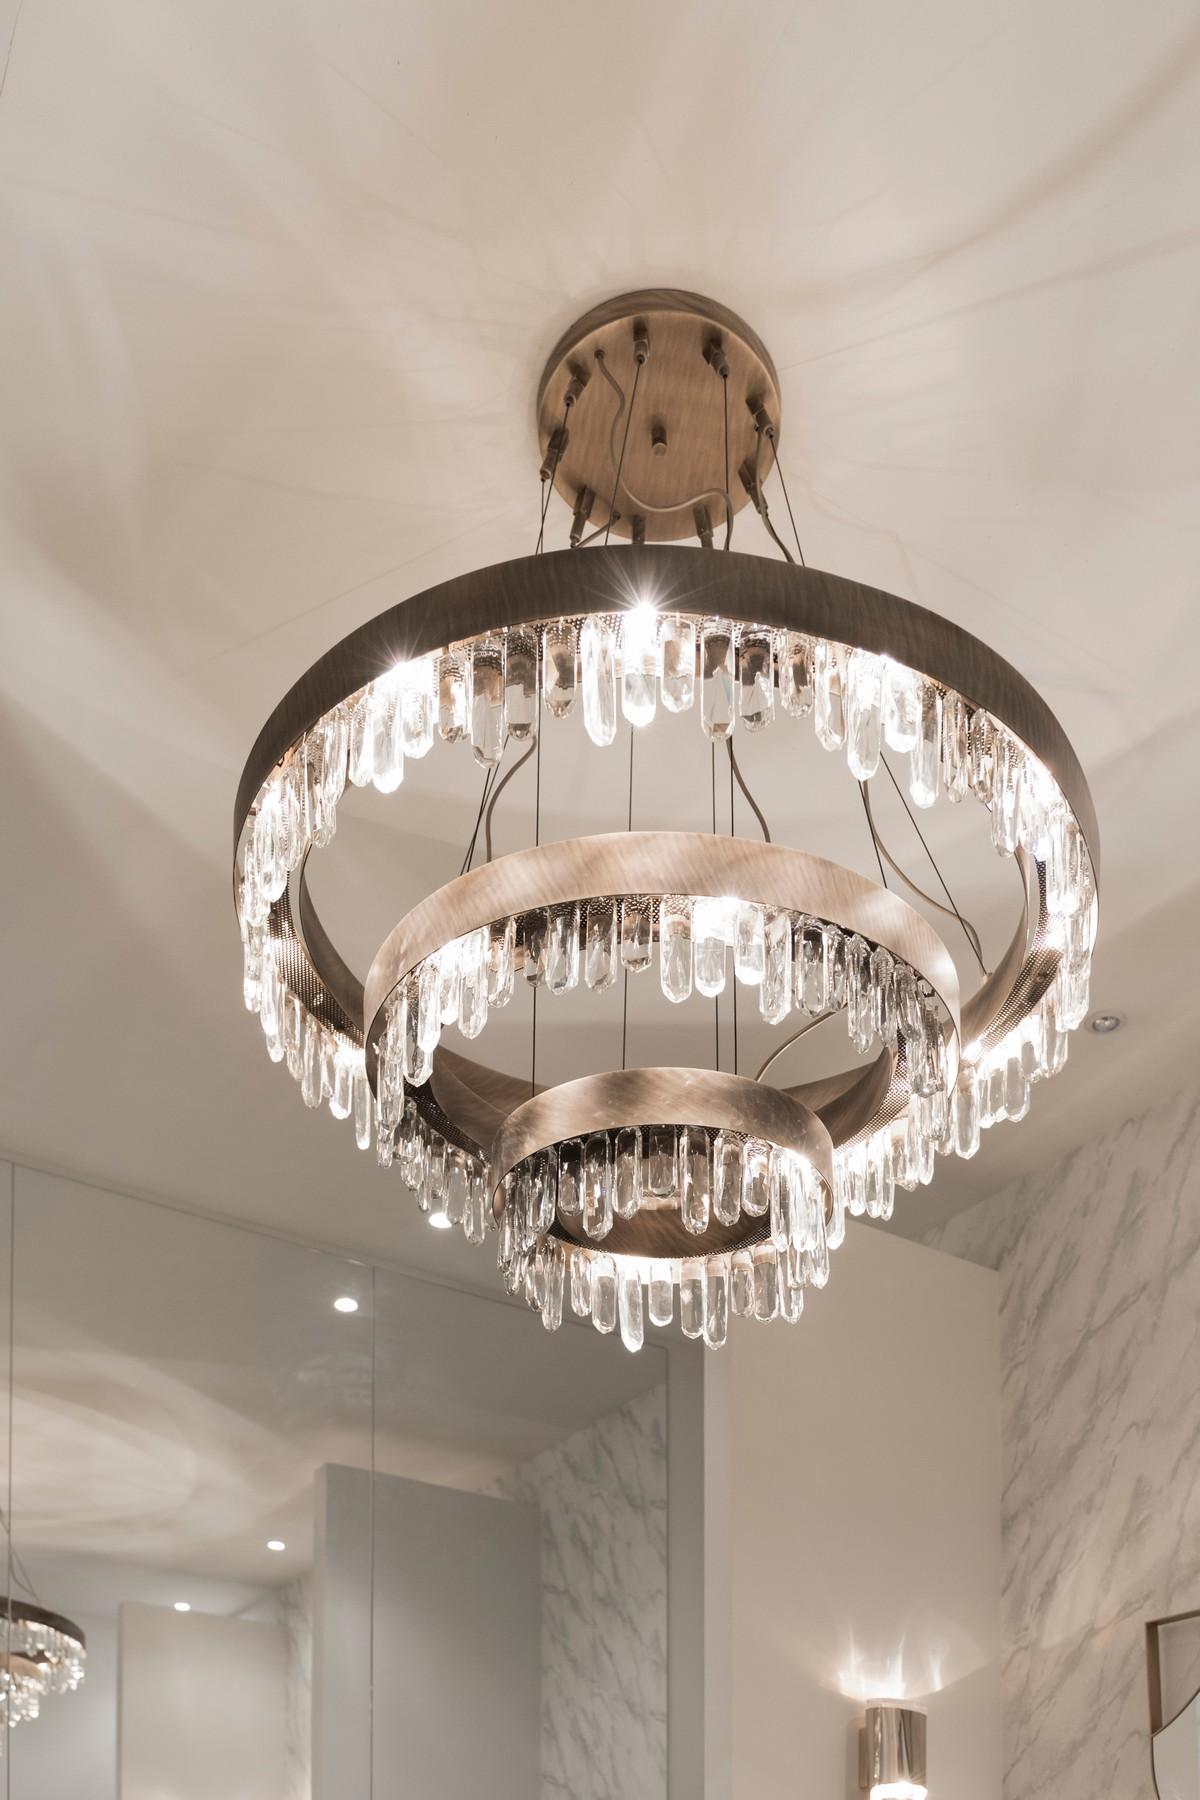 Salone del Mobile Milano: New Living Room Designs